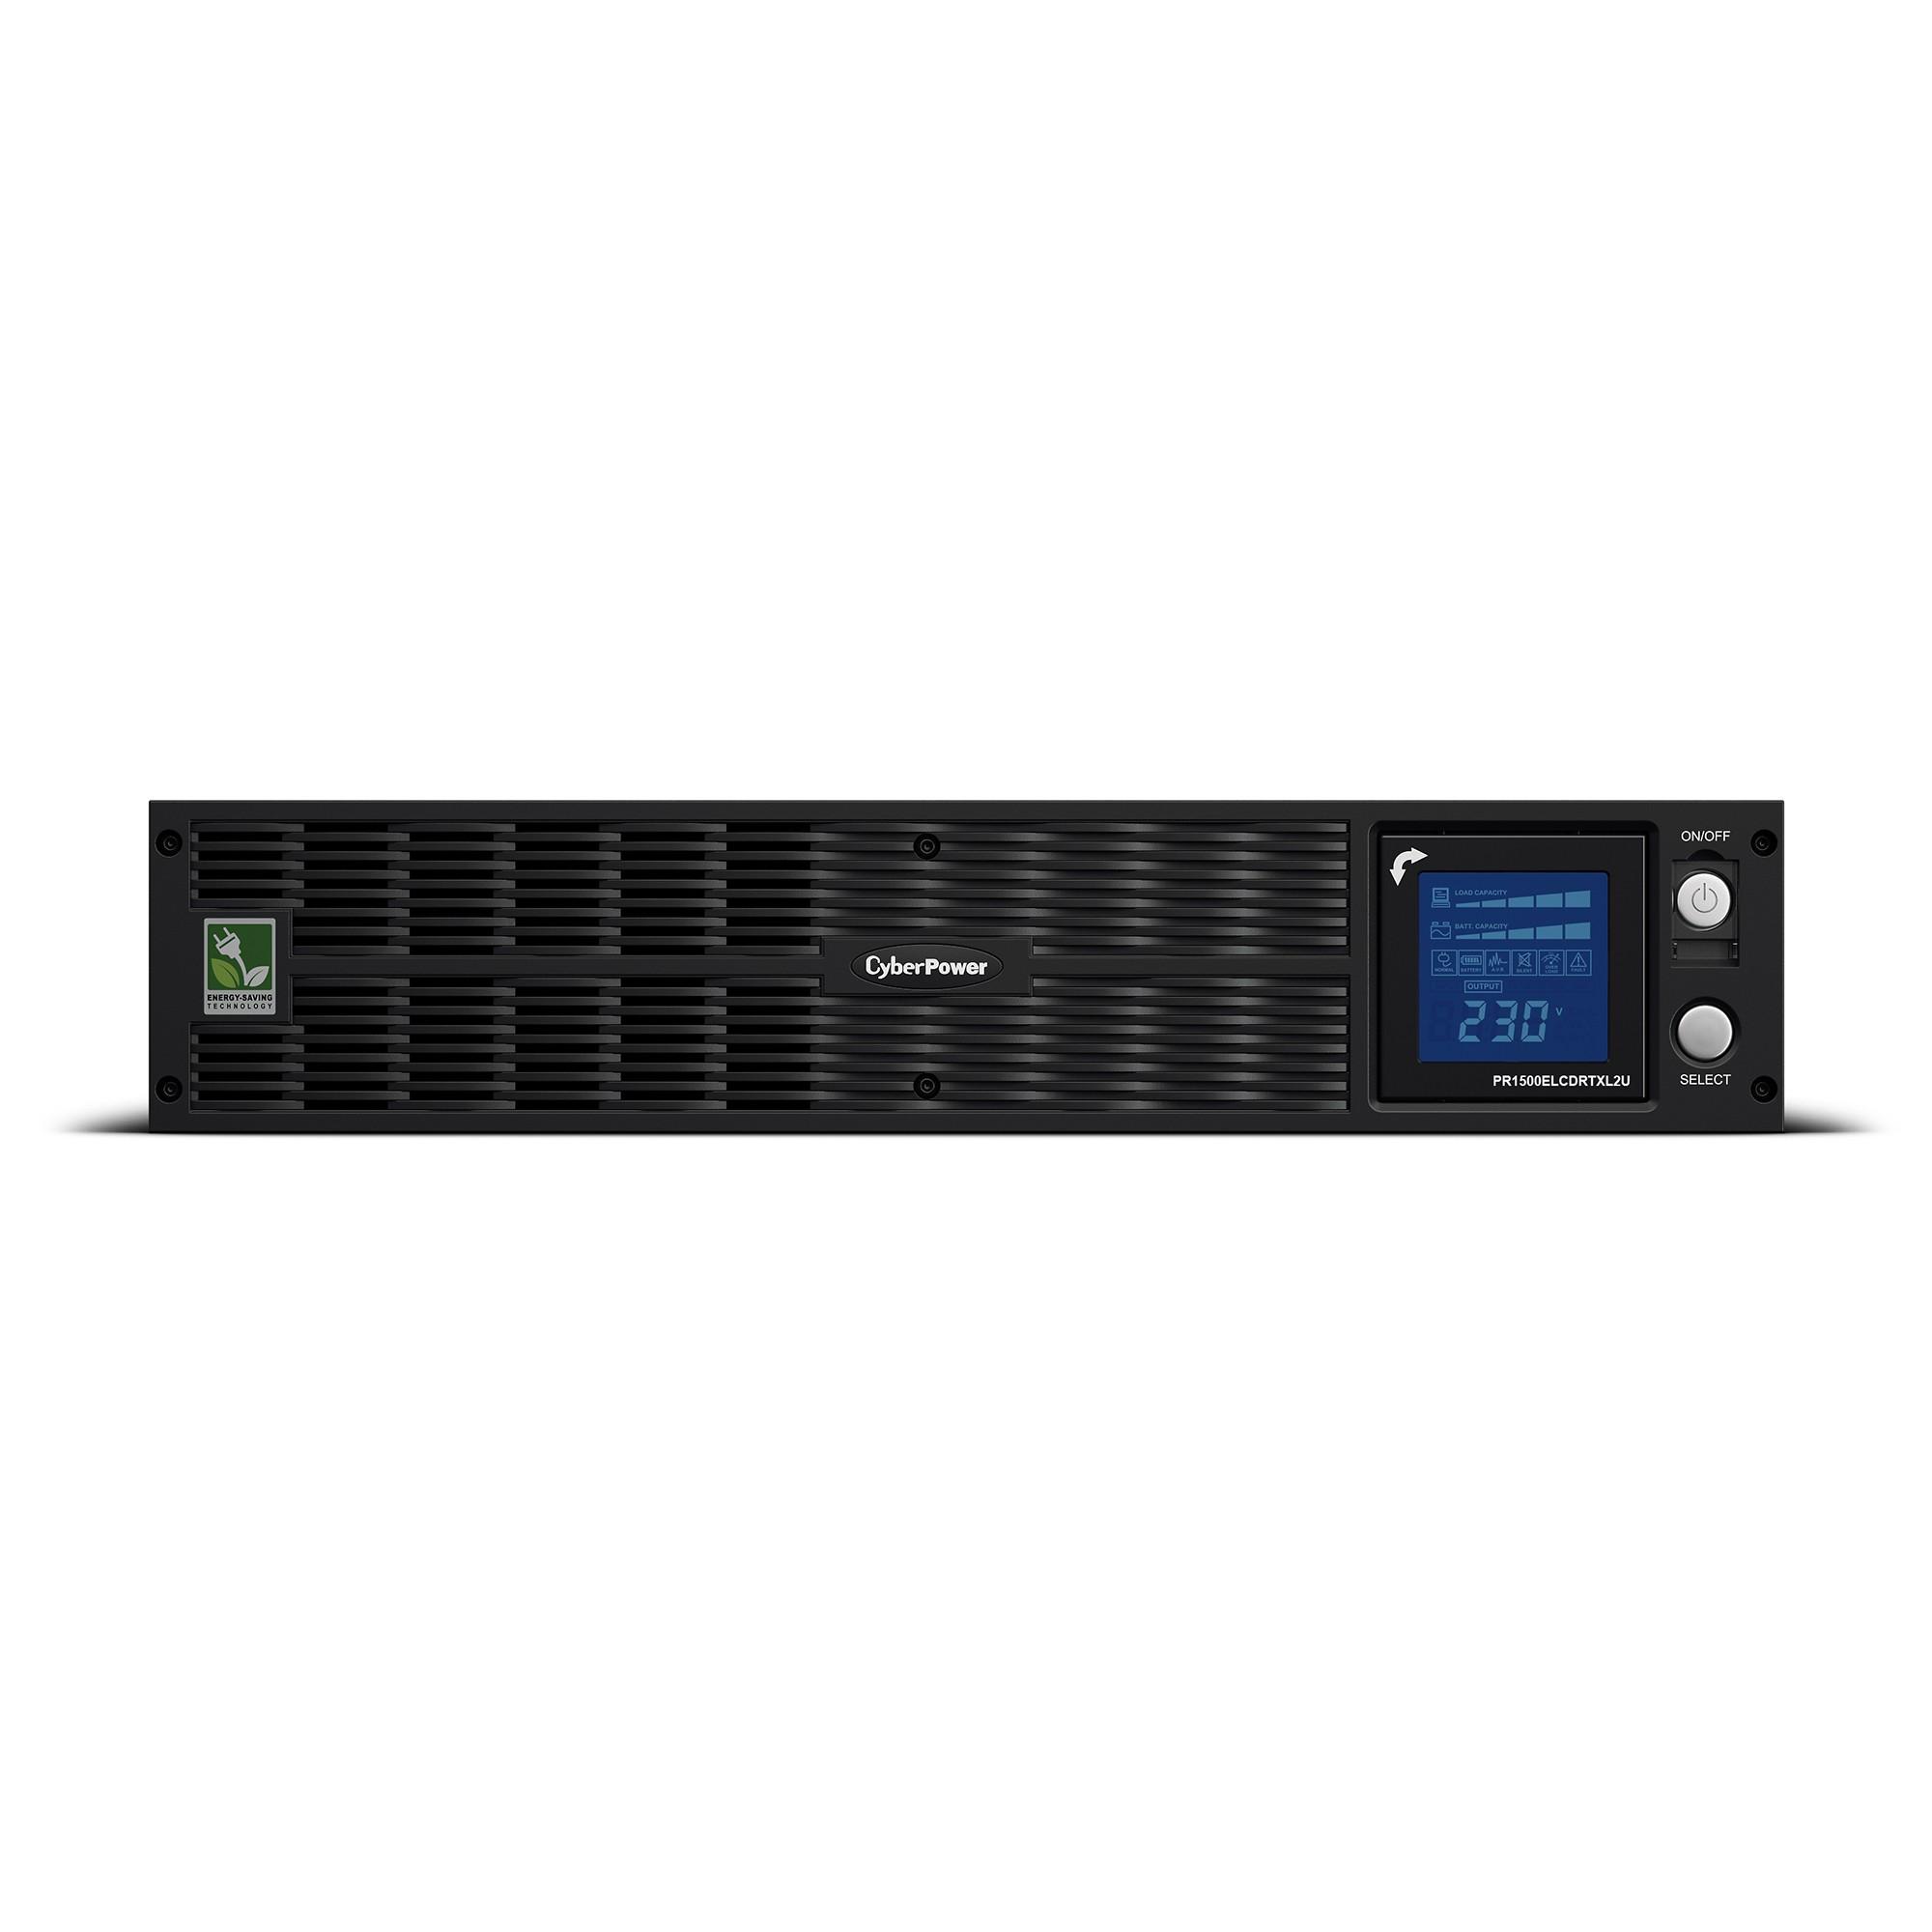 Cyberpower PR1500ELCDRTXL2U 1500VA 10xIEC320 C13 220V UPS